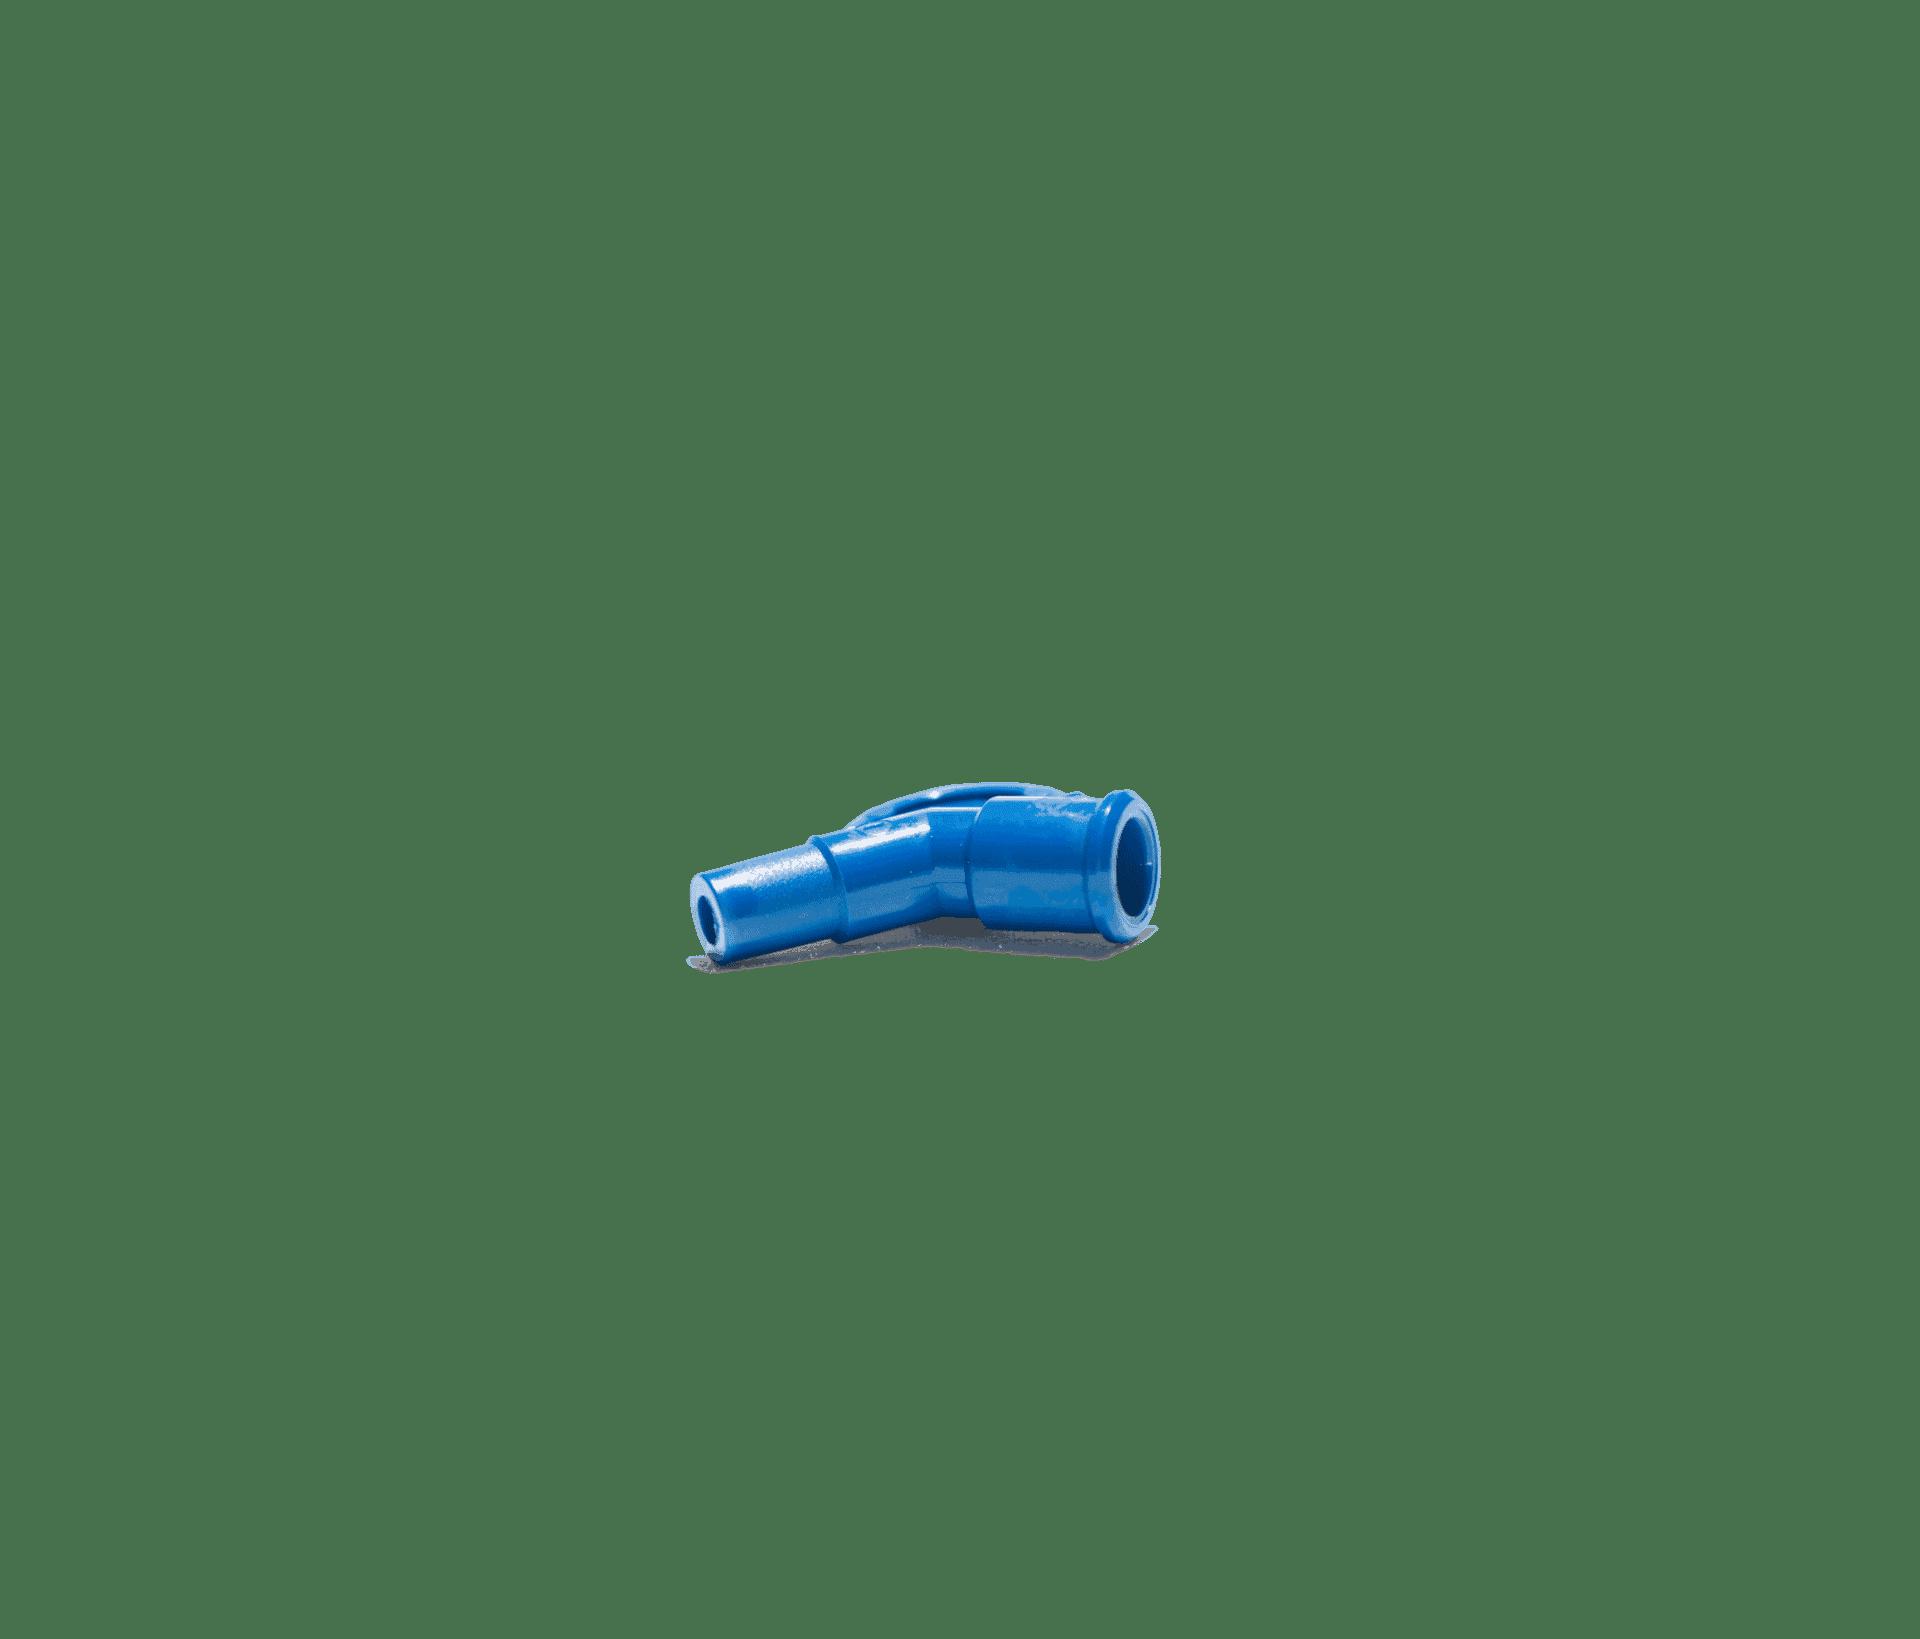 Blå vinkel 45 grader